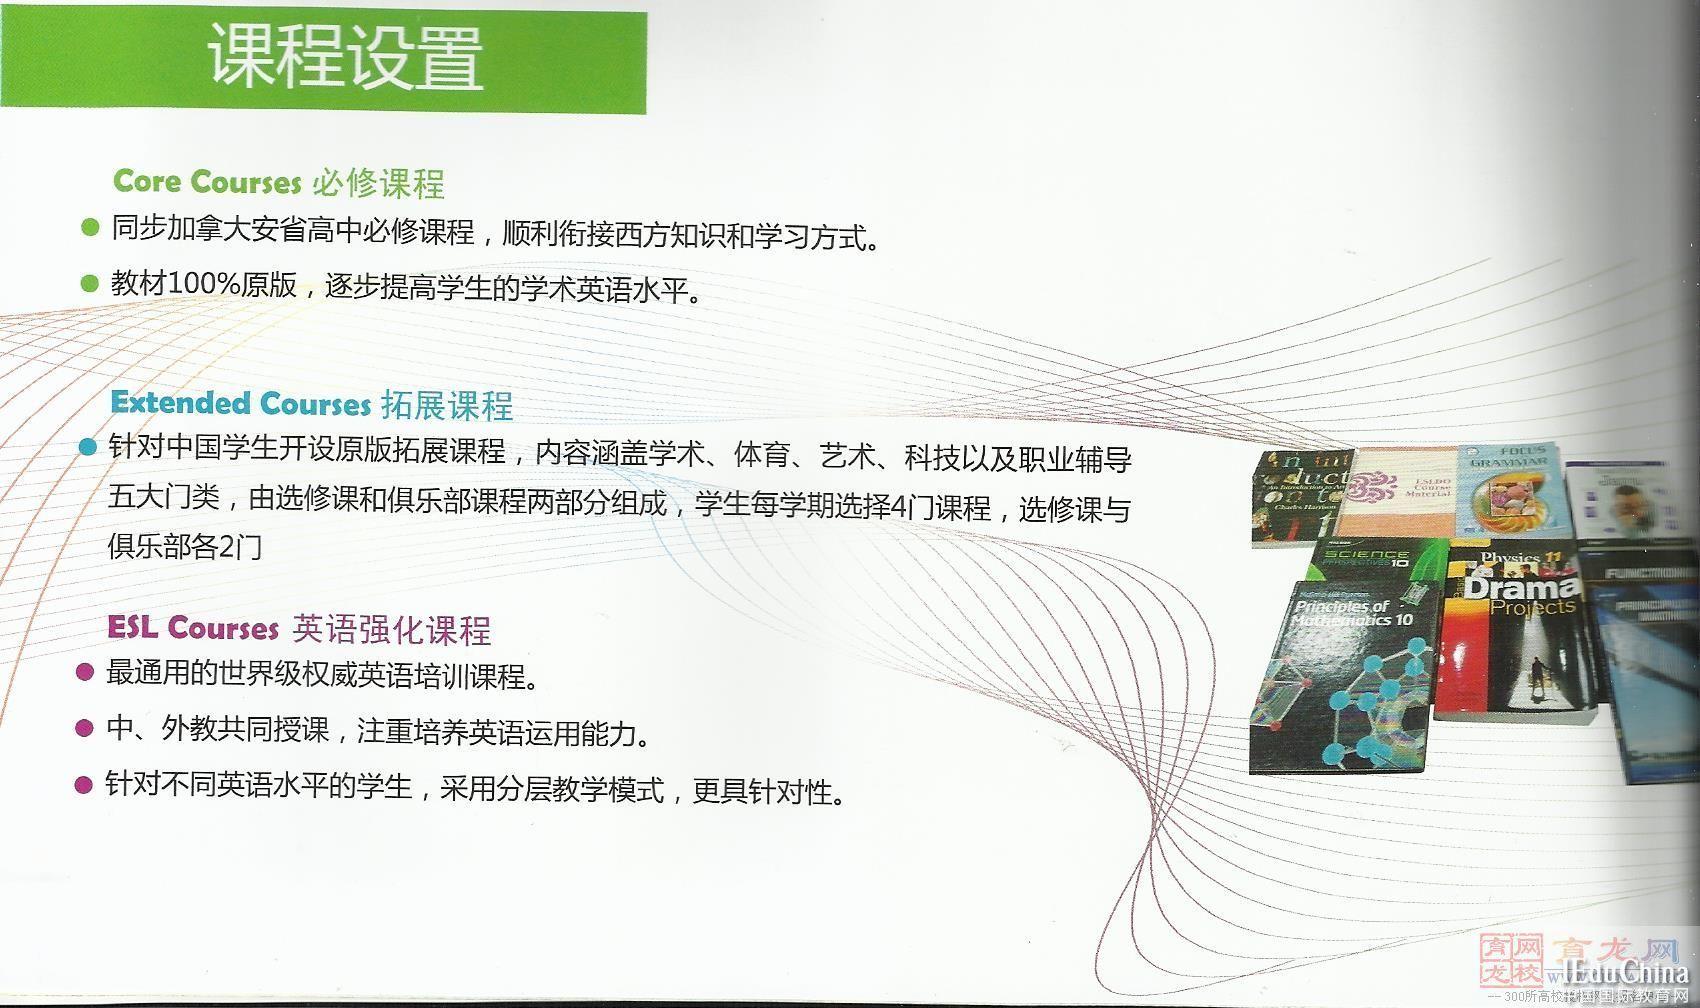 上海燎原实验学校国际部课程设置